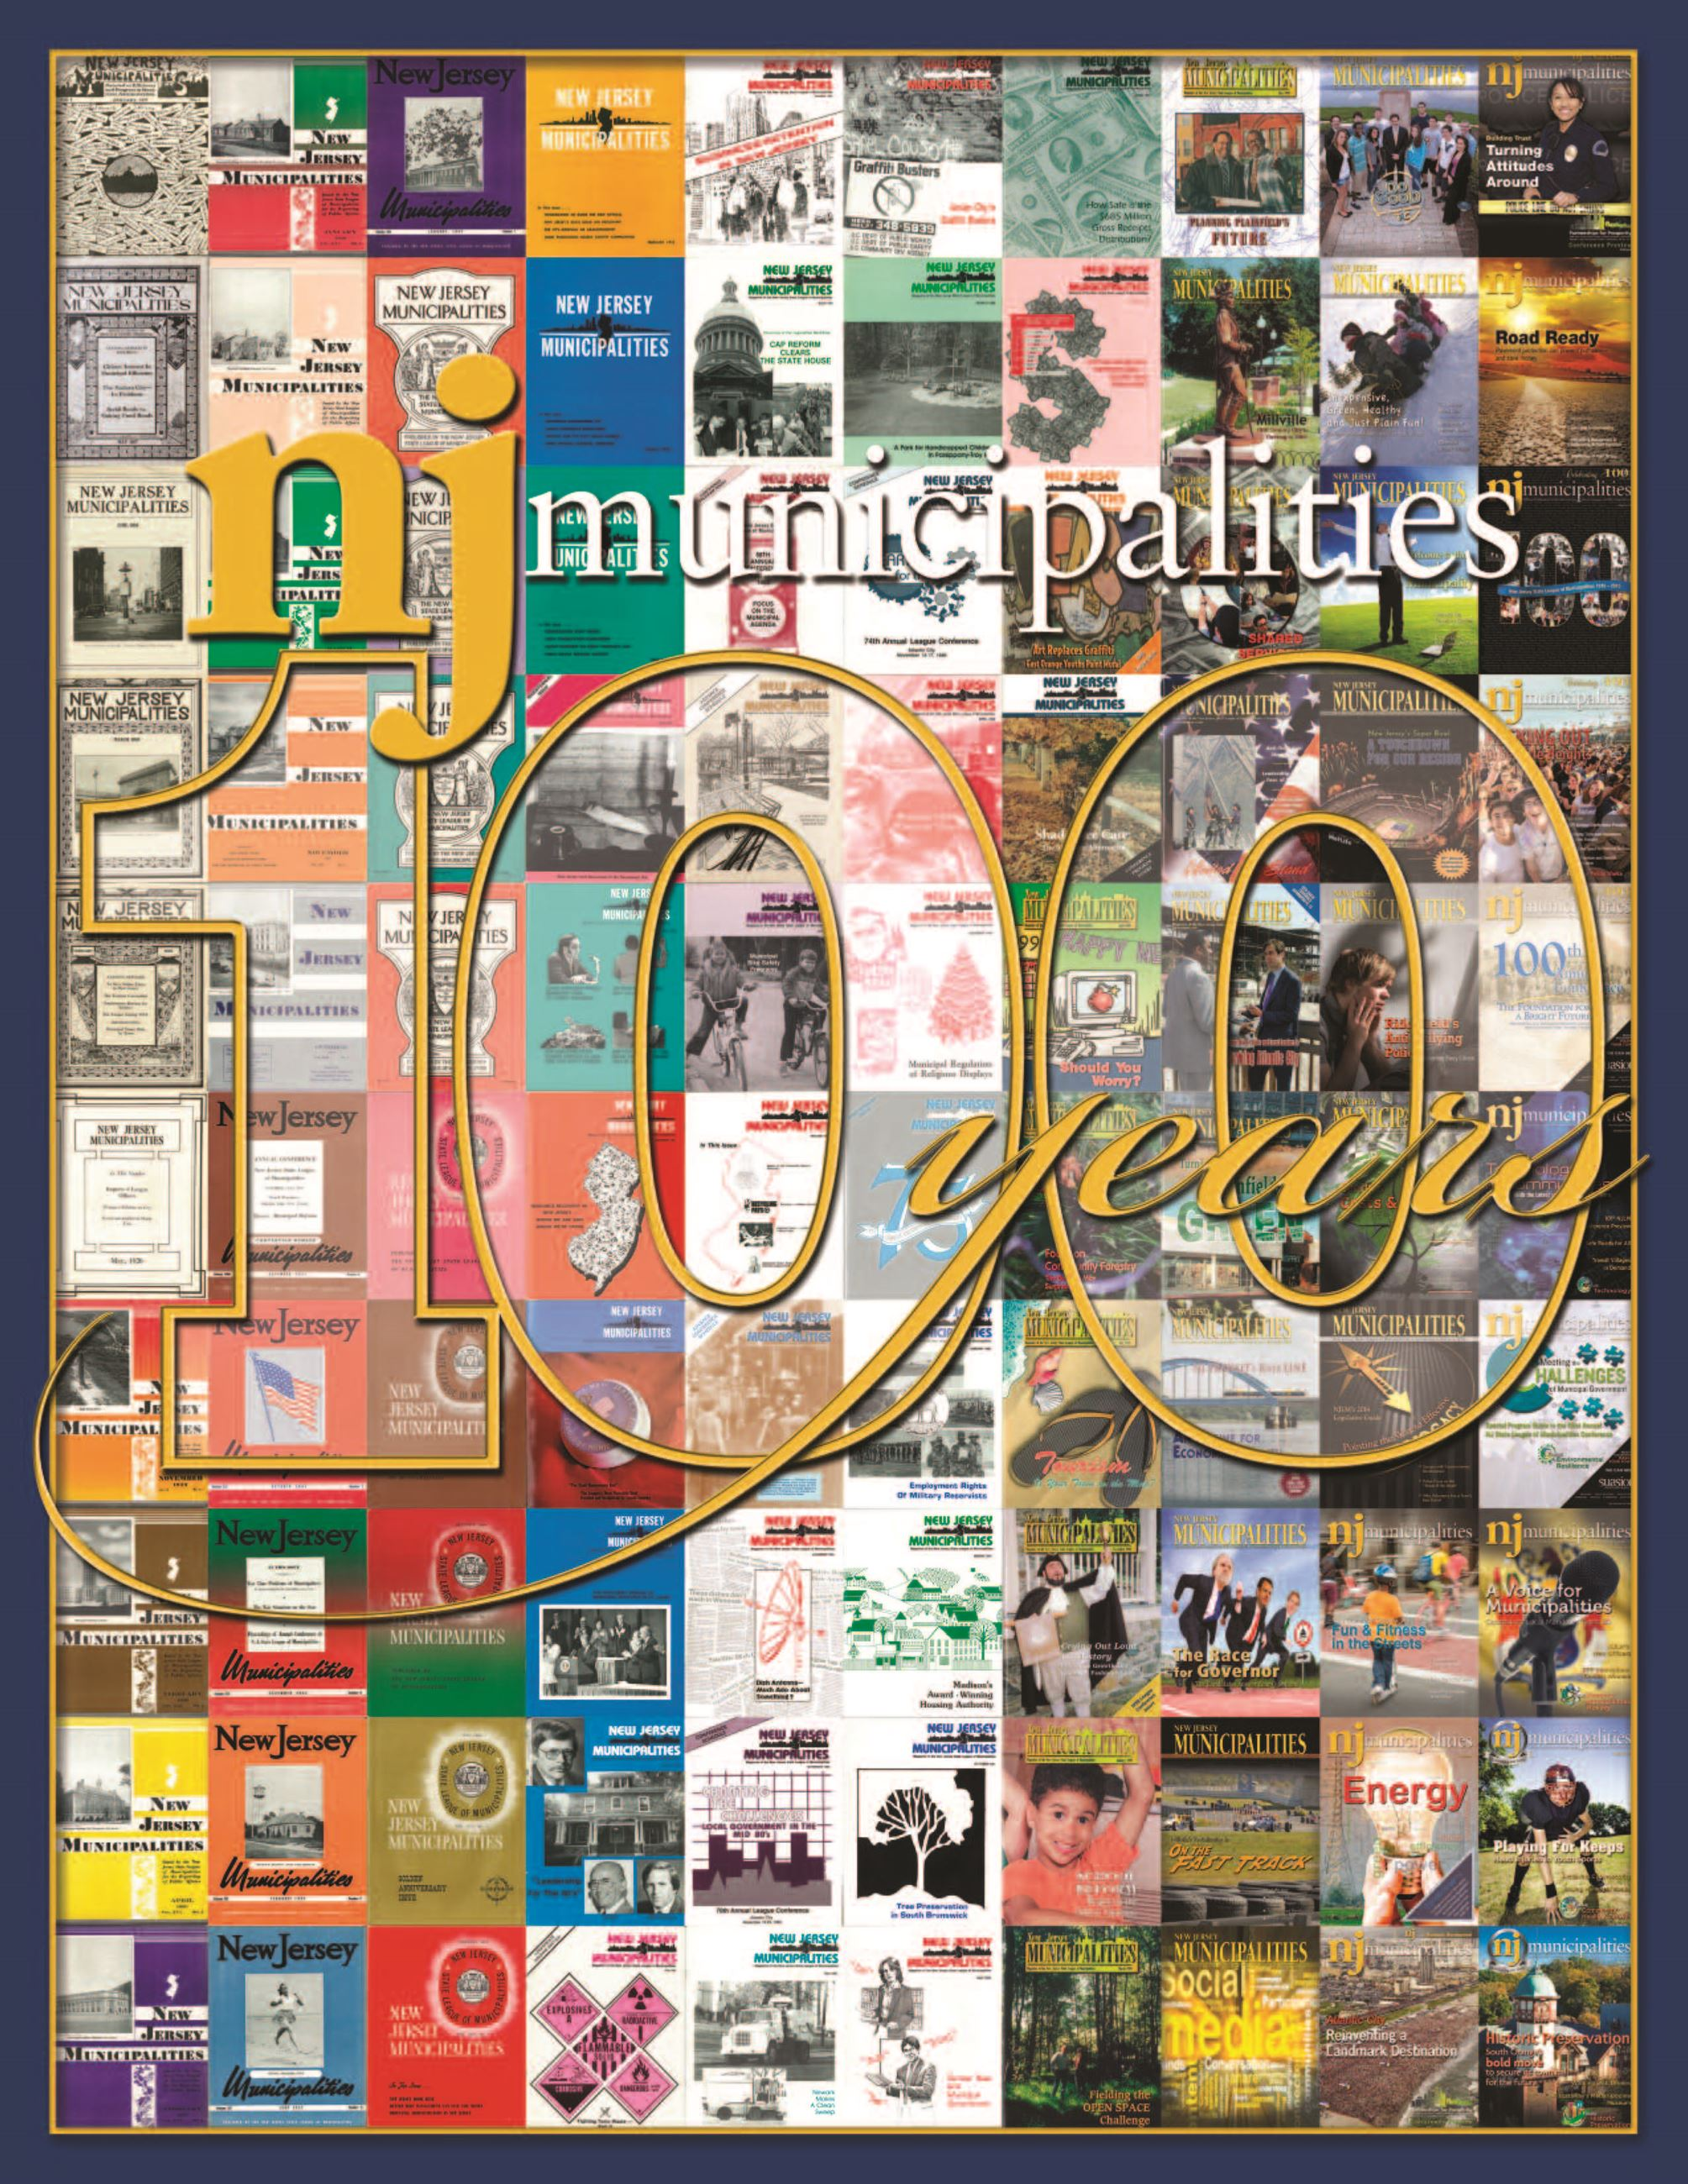 NJ Municipalities 100 Years Commemoration